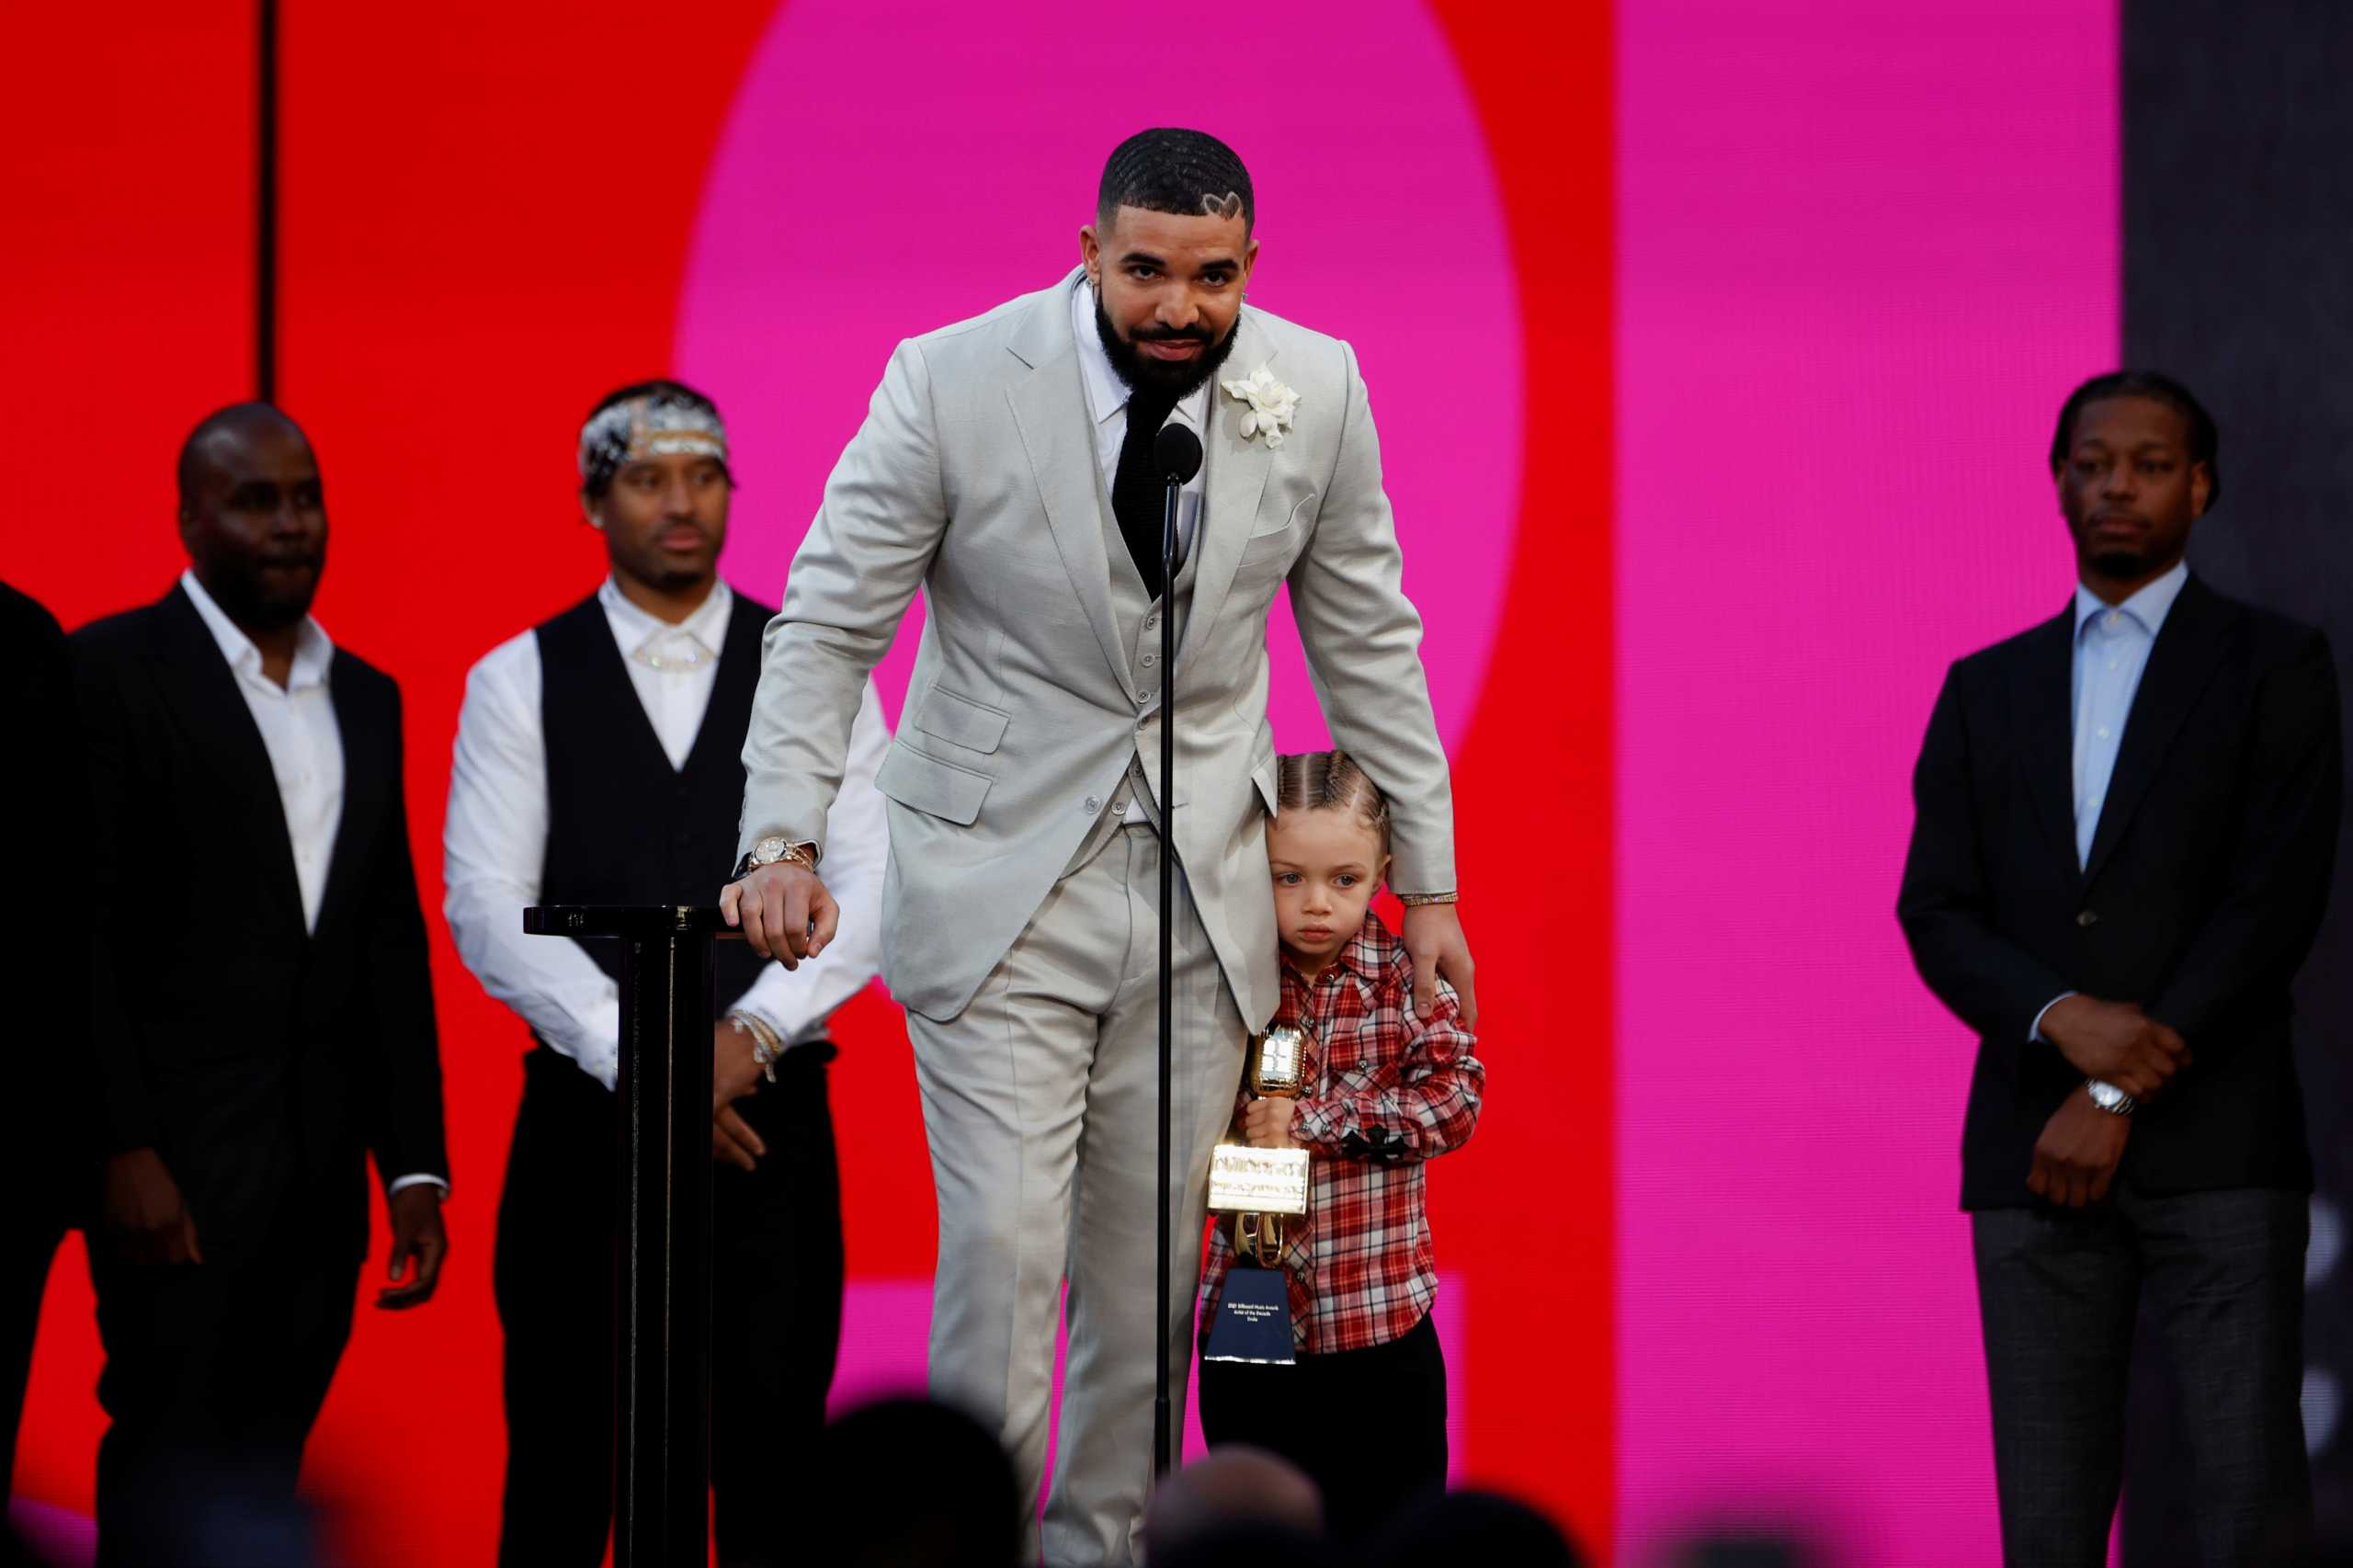 Δείτε το κοινό που έχει ο Καναδός ράπερ Drake με την Βασίλισσα Ελισάβετ